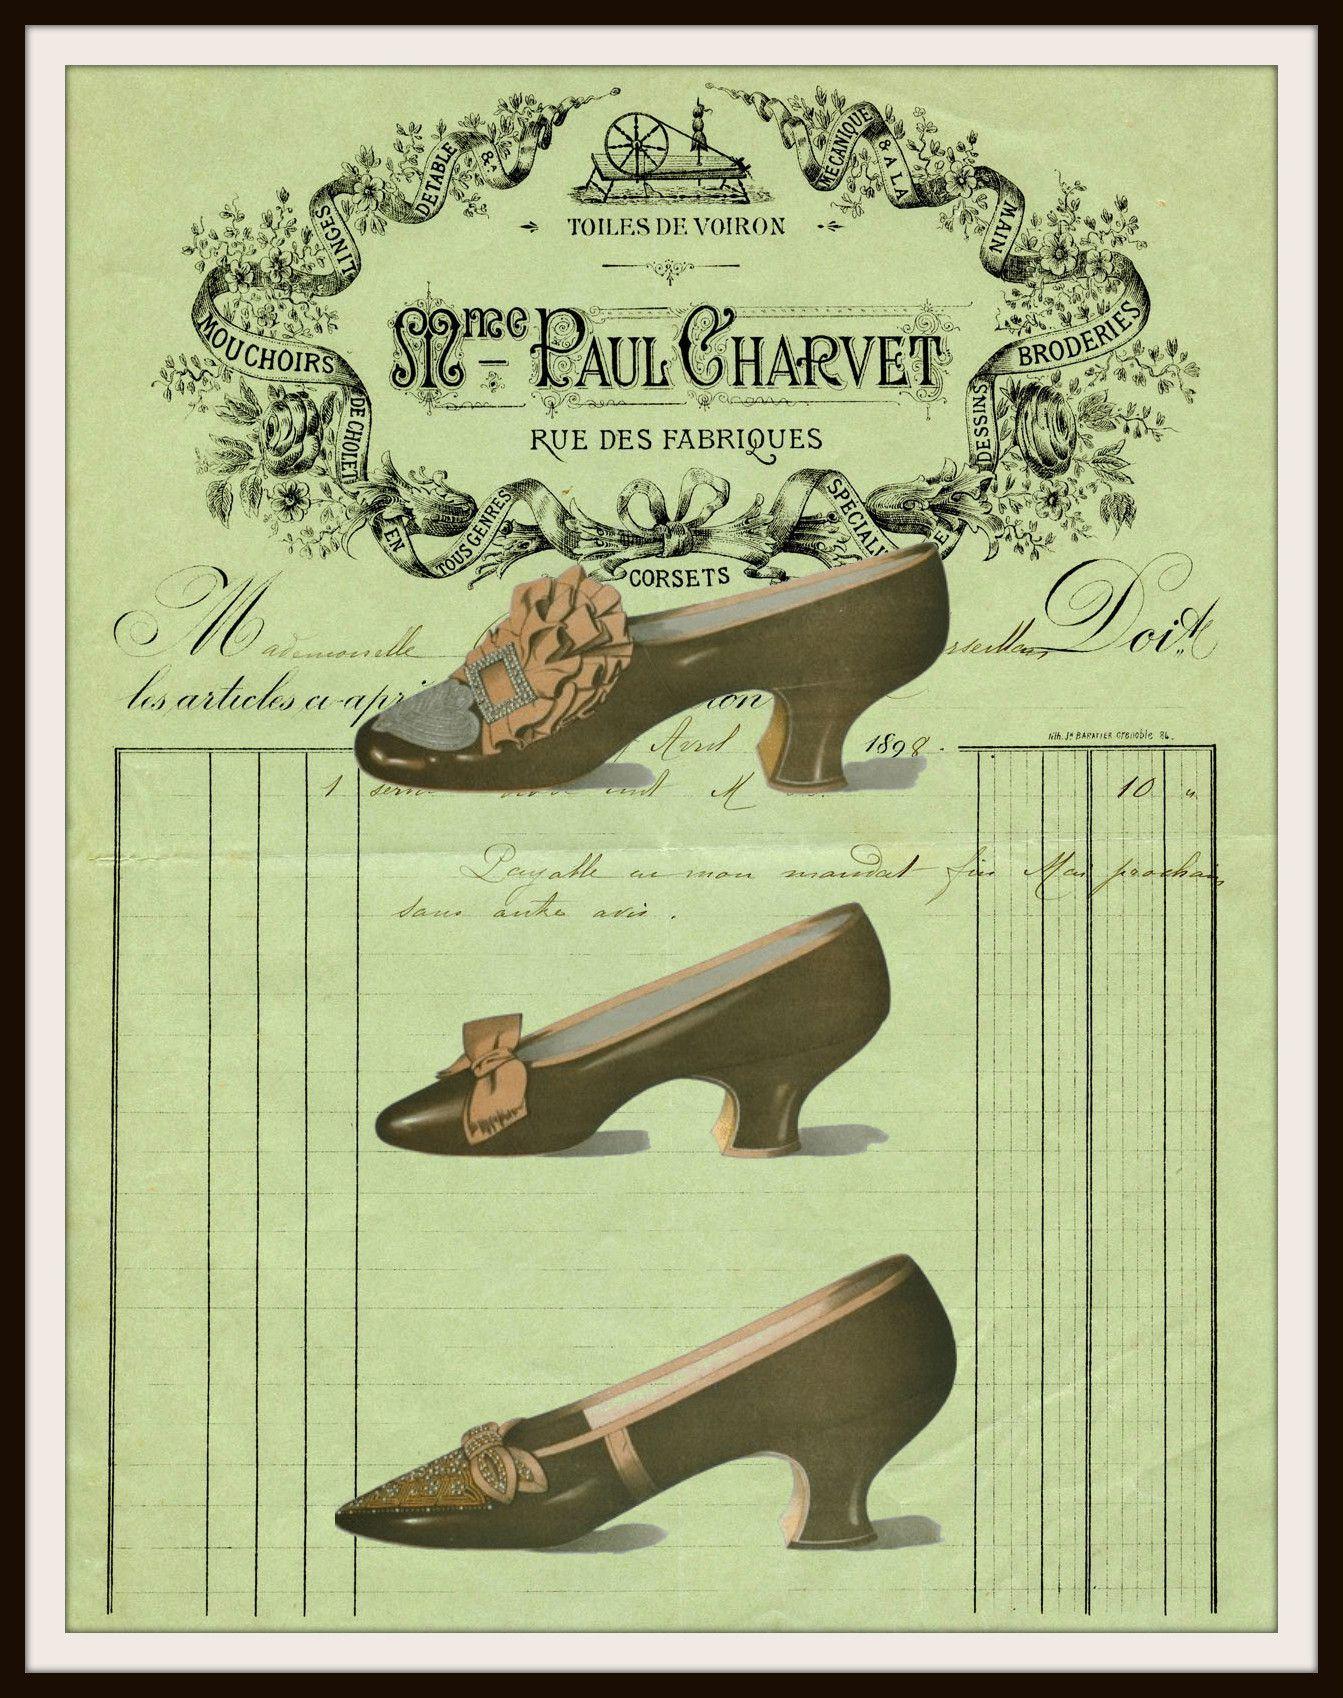 Vintage Shoes on Ephemera Art Print Wall Decor 8.5 x 11 ...